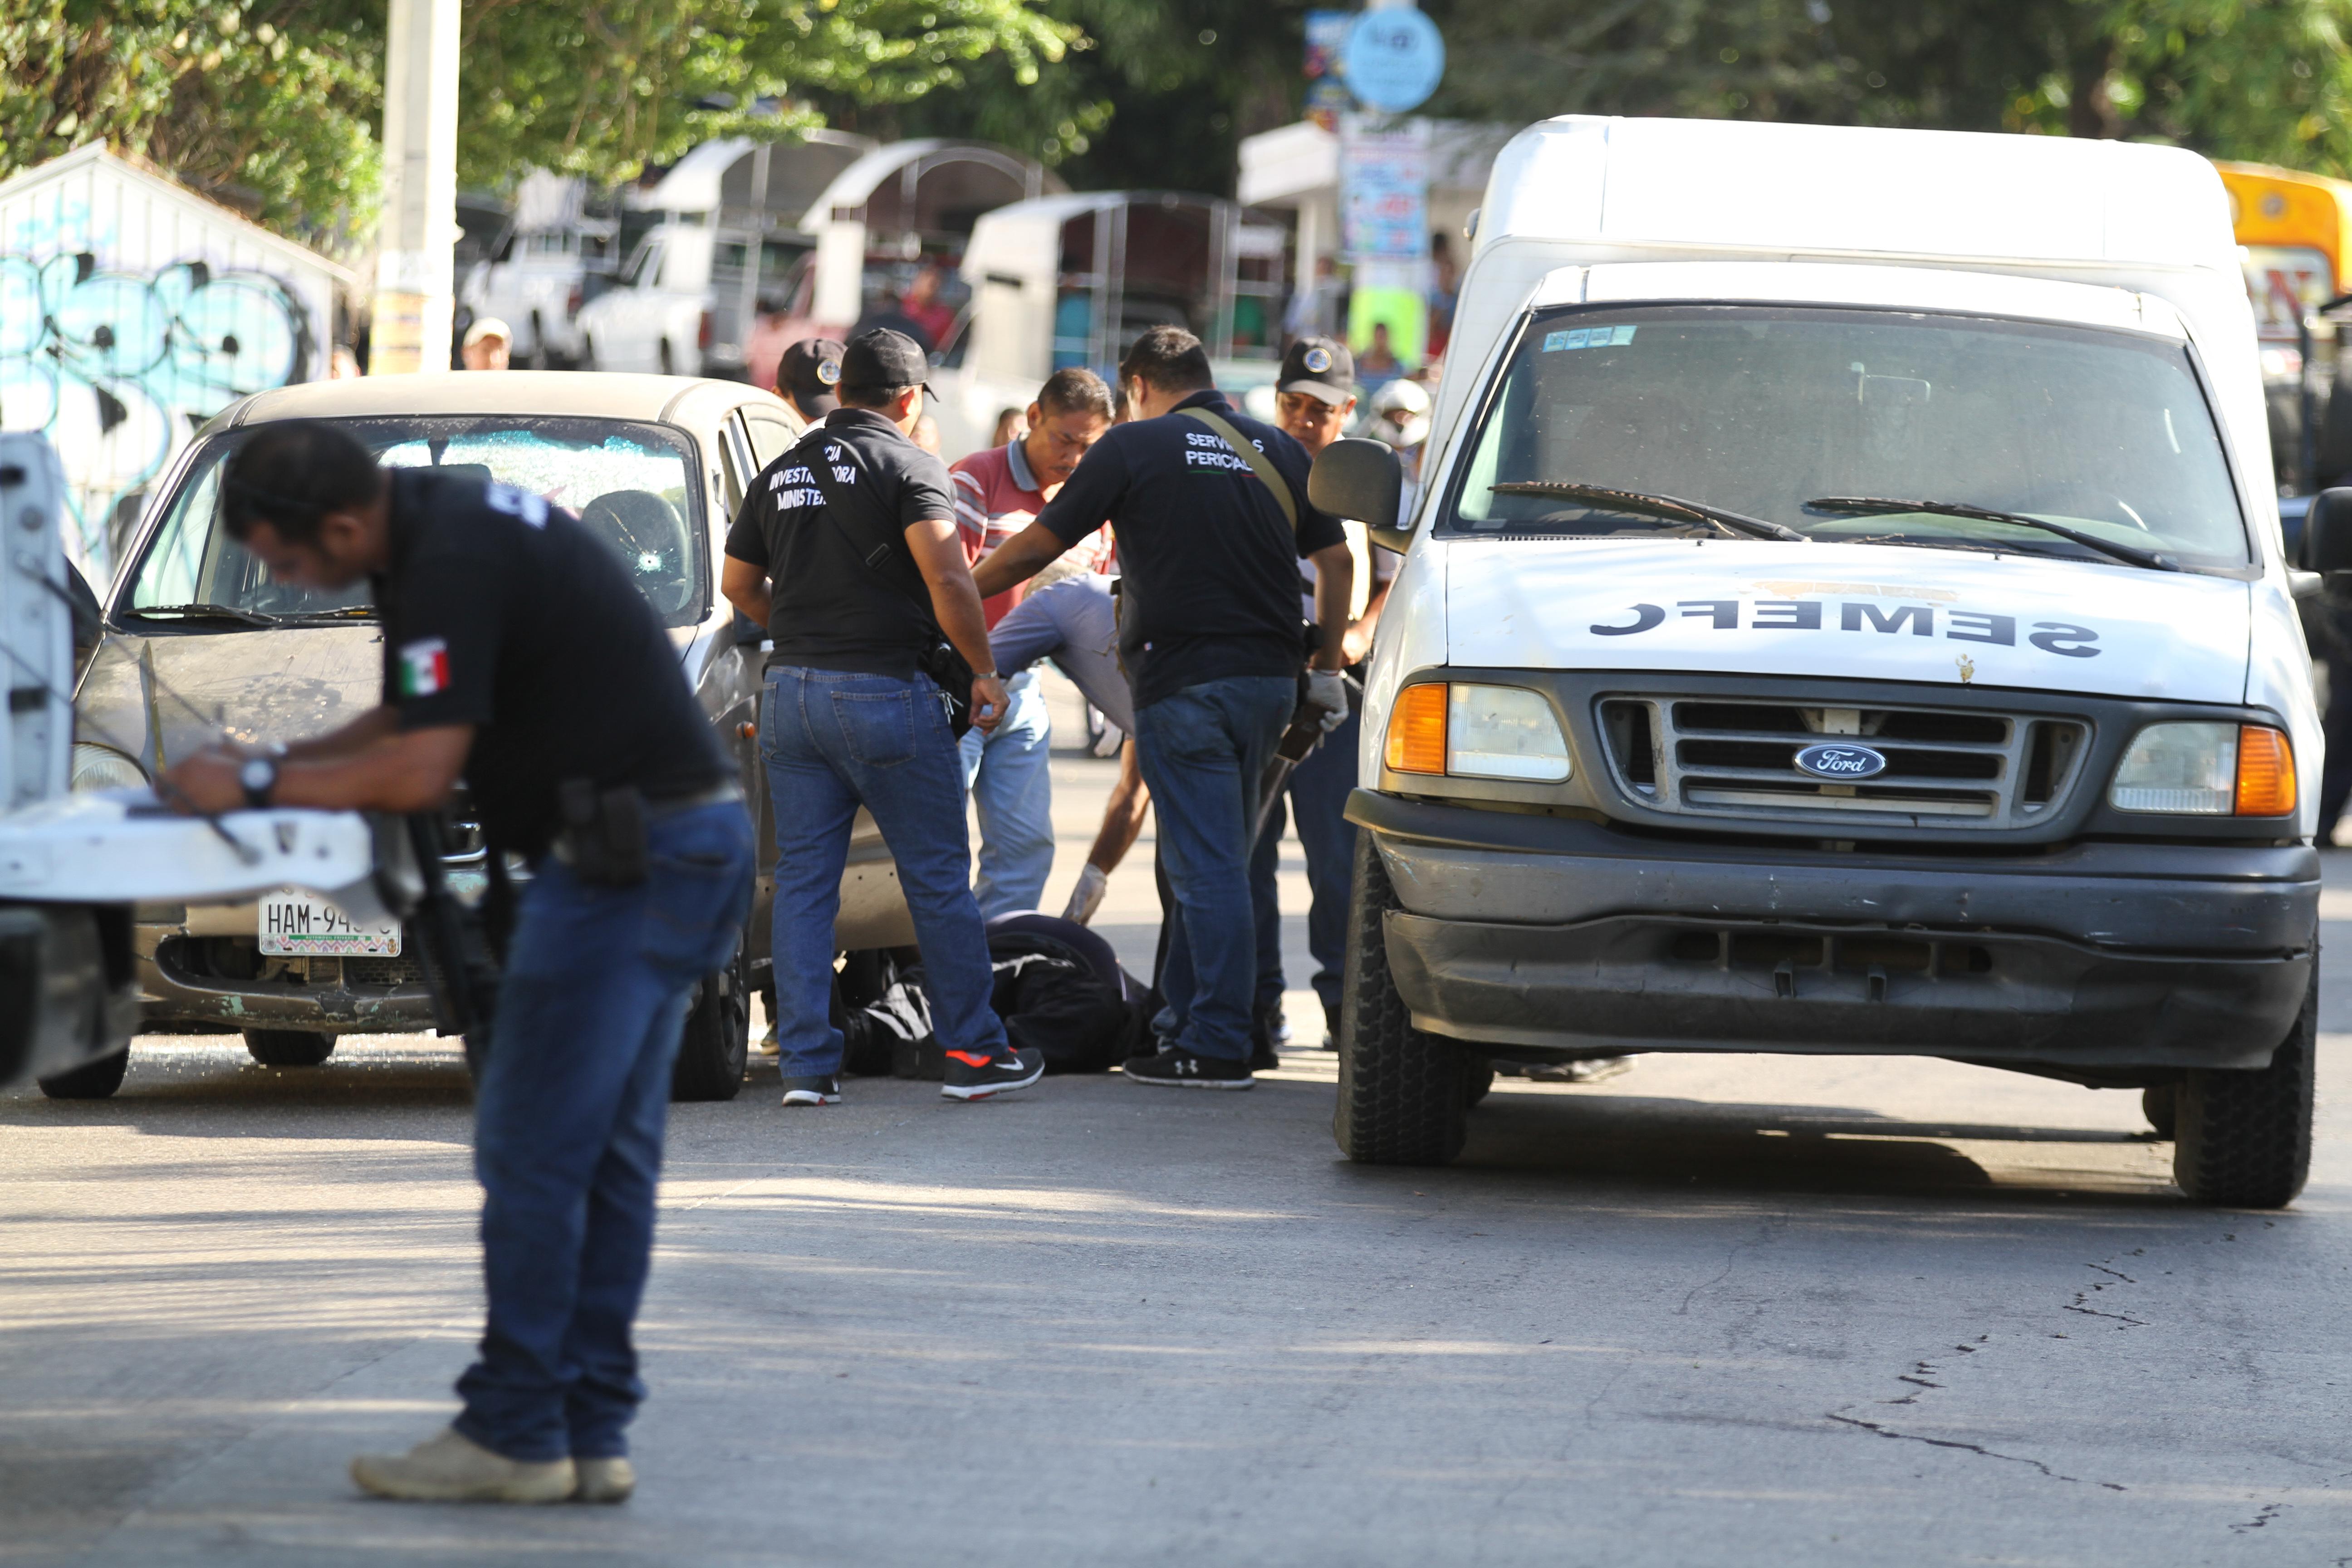 La ola de violencia en Guerrero ha contribuido a que más cuerpos se apilen en los Semefos (Foto: BERNANDINO HERNÁNDEZ /CUARTOSCURO)